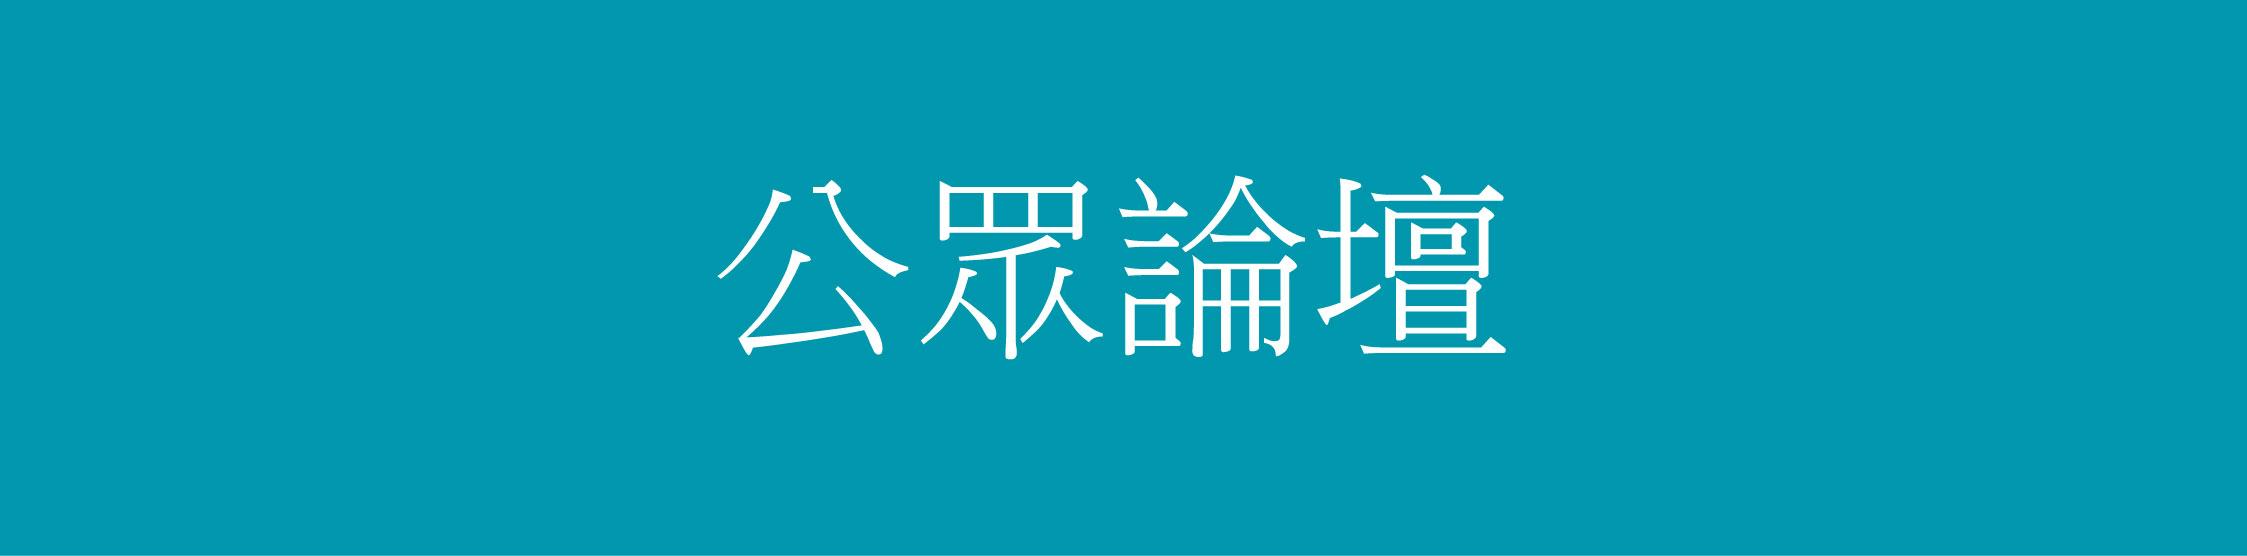 - 2019年3月2019年3月2日 (星期六)上午10時2019年3月30日 (星期六)上午10時地點: 香港科學館演講廳簡介資料 (請在此下載 )